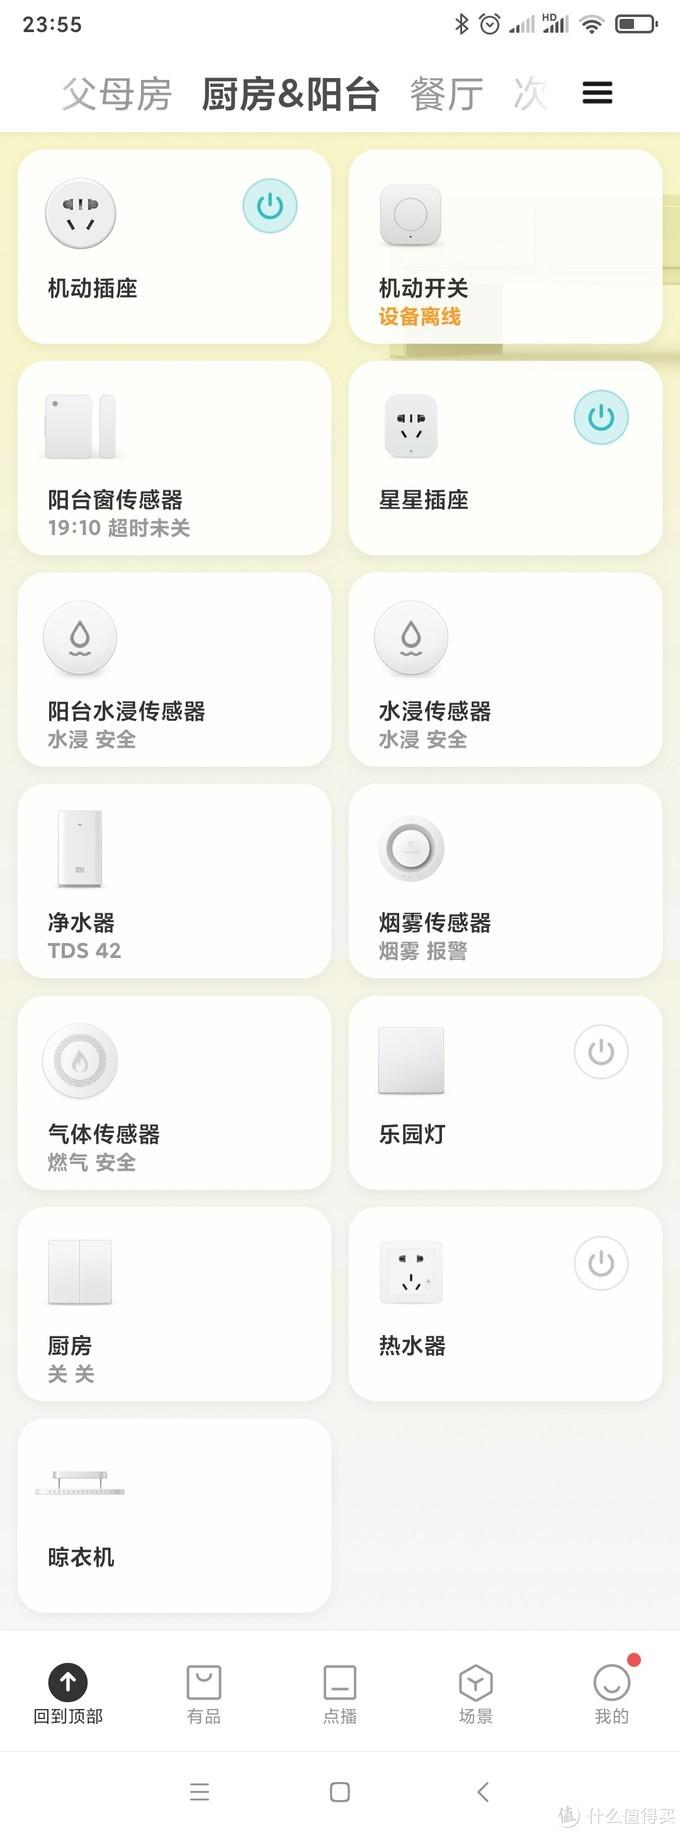 厨房&阳台设备列表